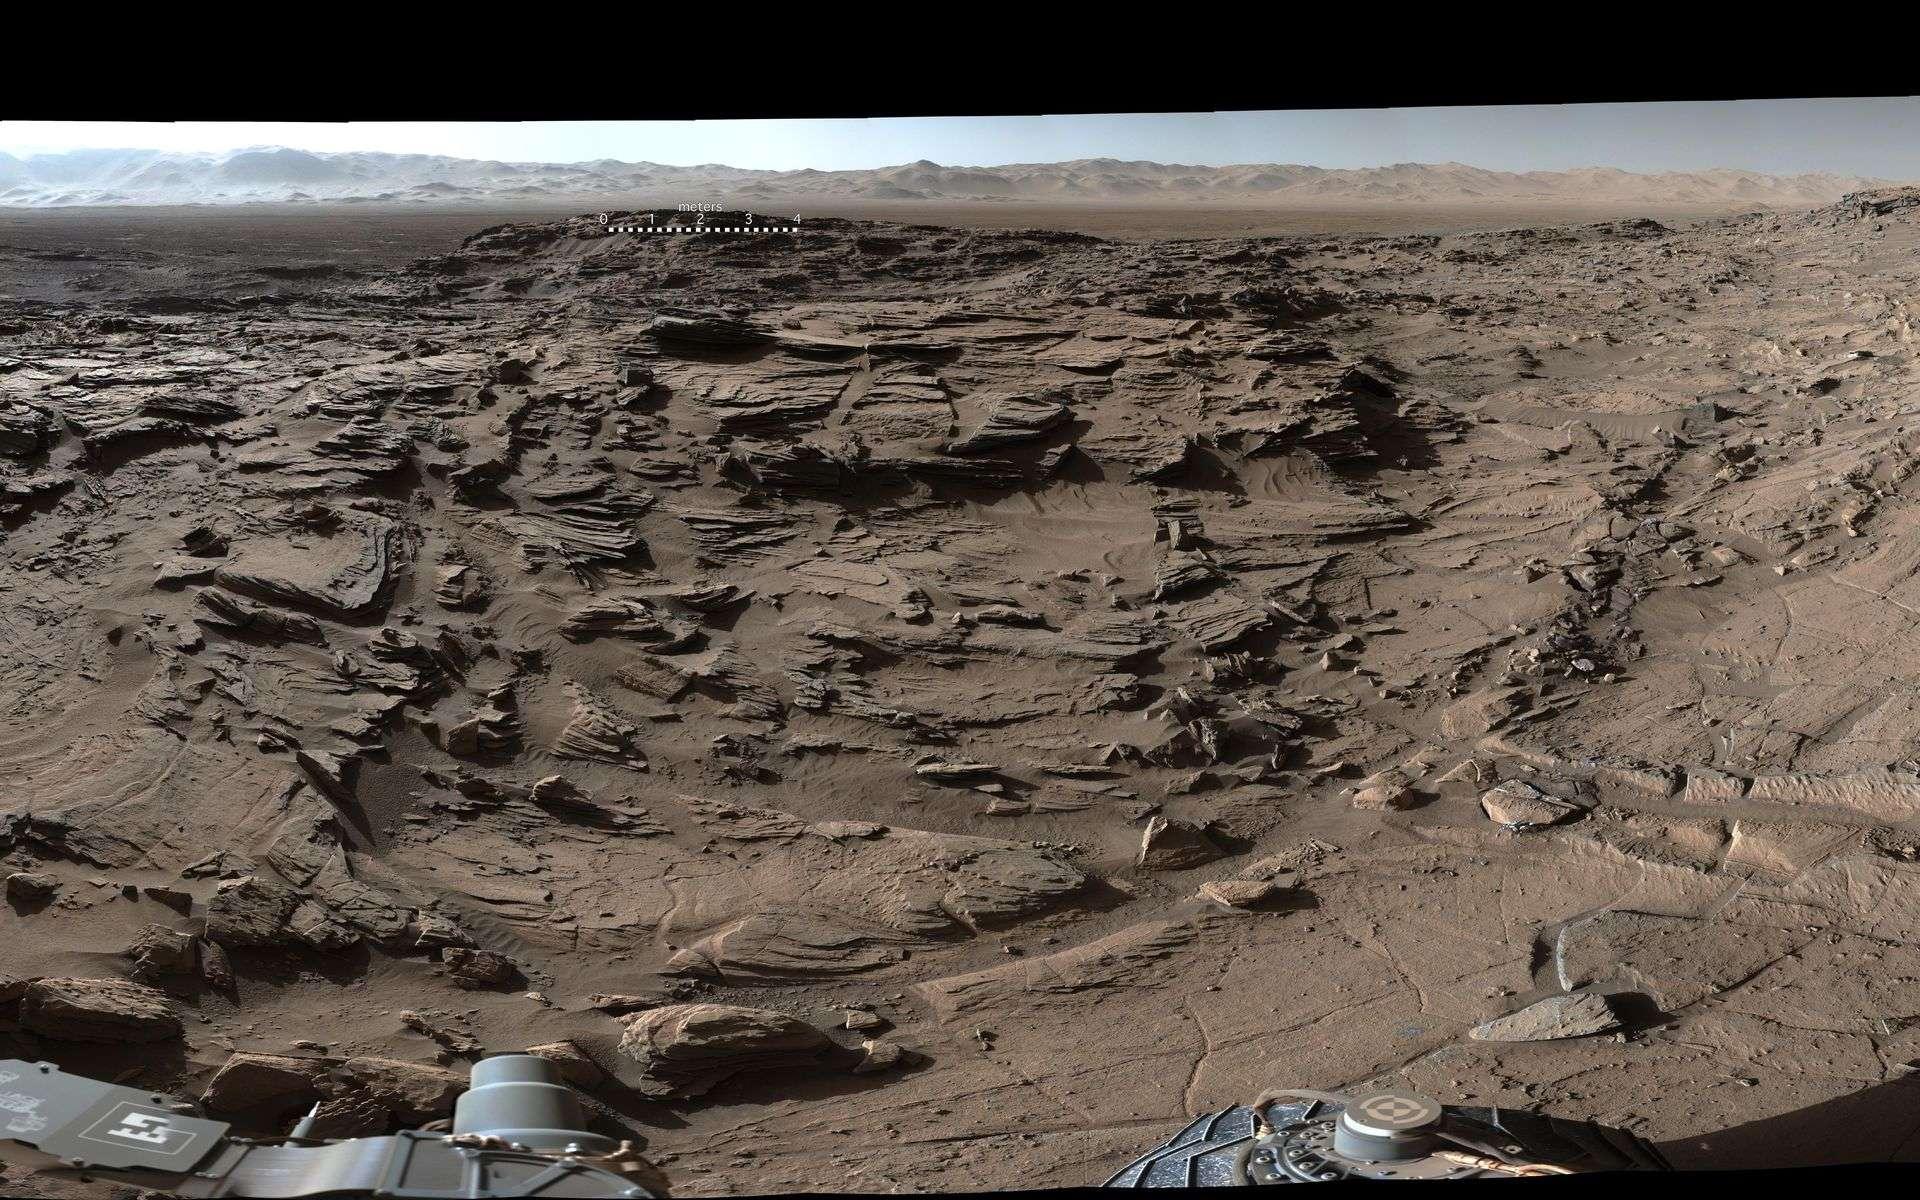 Extrait du panorama à 360° réunissant des dizaines de photos prises avec la MastCam de Curiosity par un bel après-midi martien, le 4 avril 2016 (sol 1.302). Au premier plan, le plateau Naukluft que traversait alors le rover. À l'arrière-plan, à droite, le mont Sharp. À l'arrière-plan, au centre et à gauche, les remparts du cratère Gale. Pour une vue complète en très haute résolution, cliquez ici pour télécharger le fichier de 110 Mo. © Nasa, JPL, MSSS